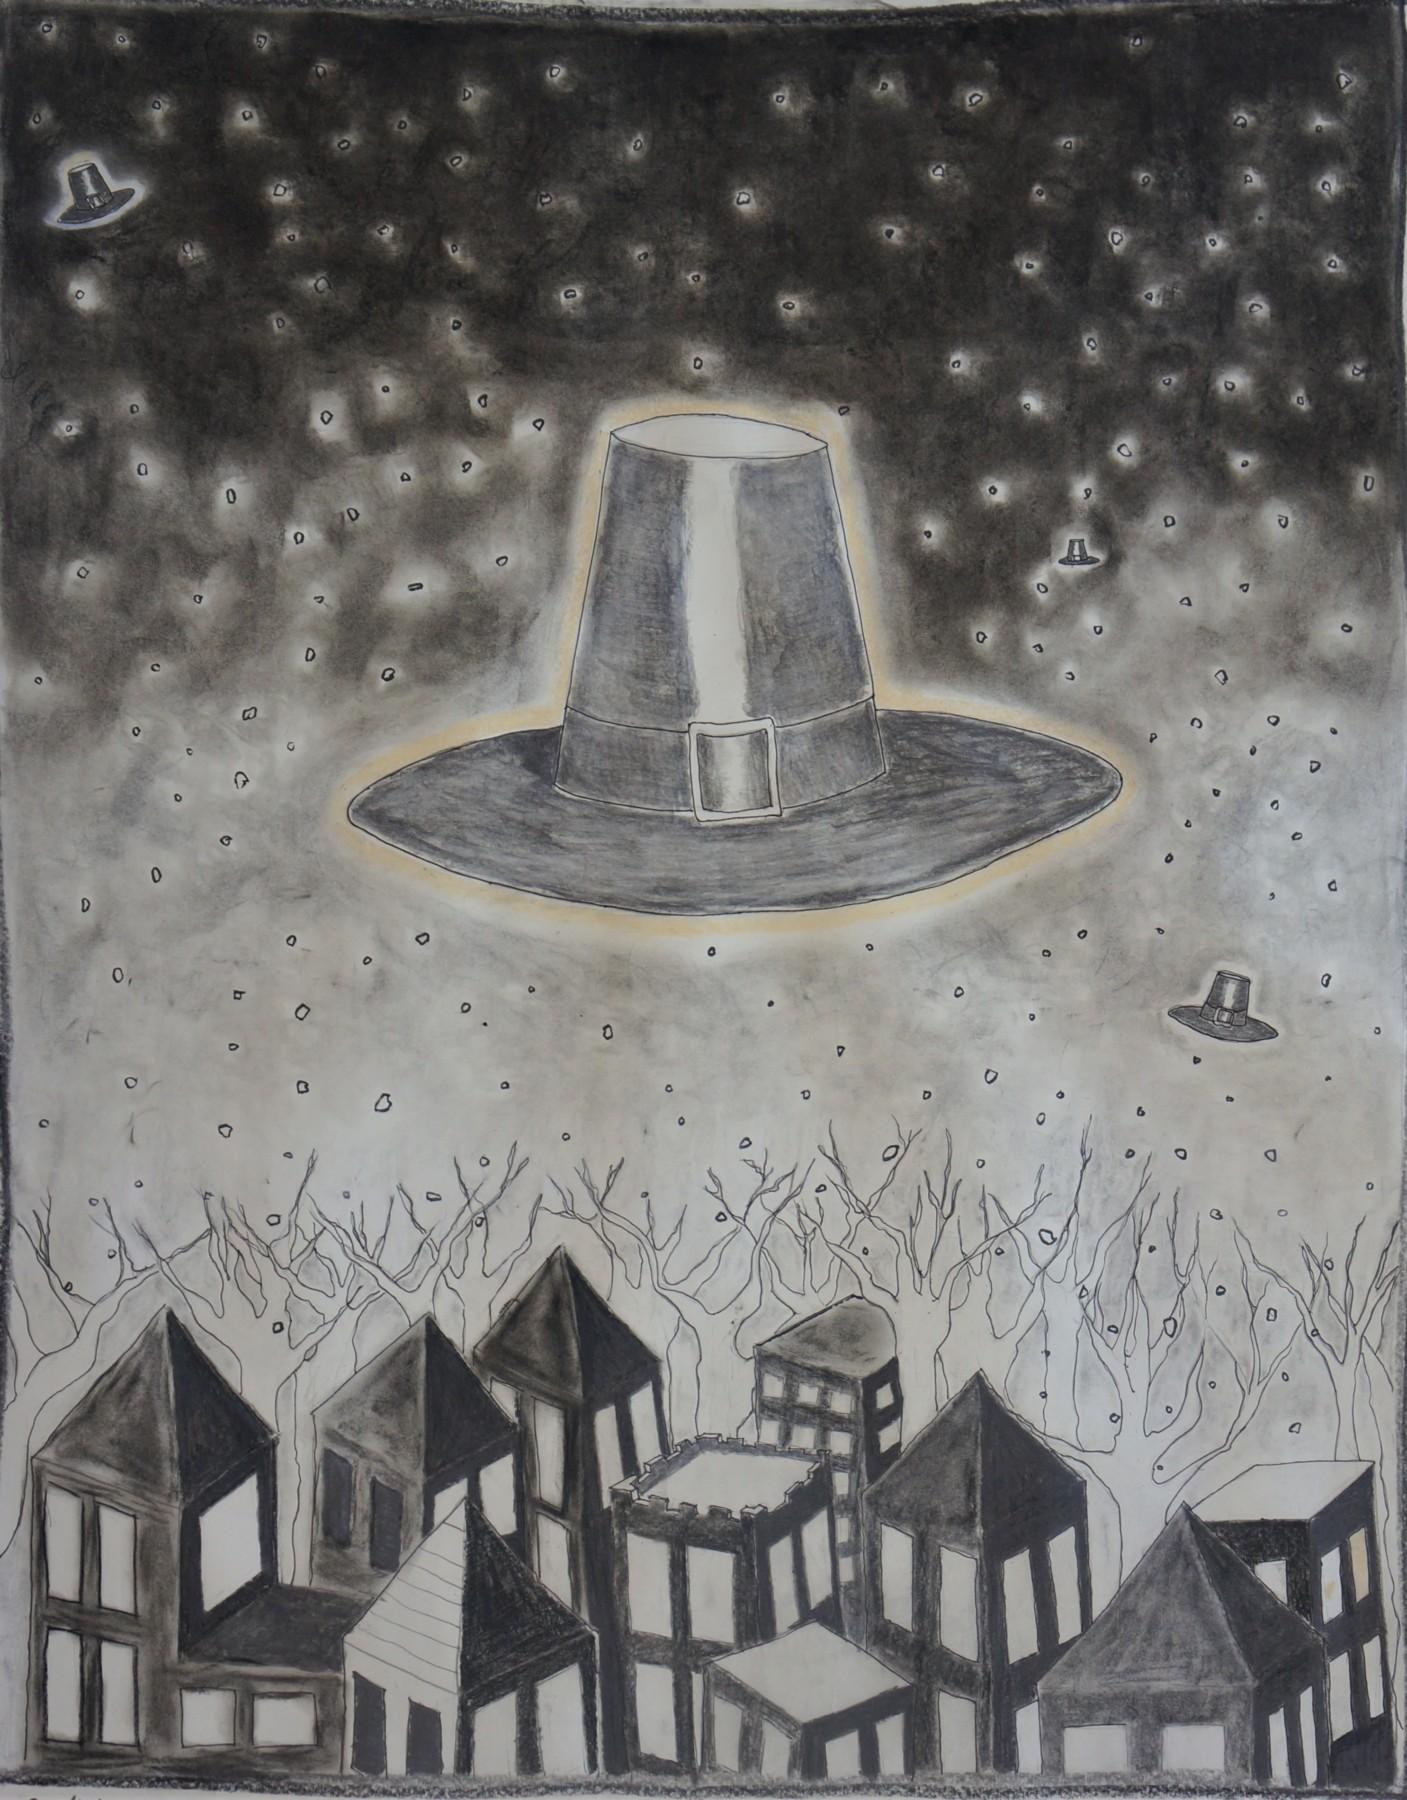 2001: A Space Odd D.C.